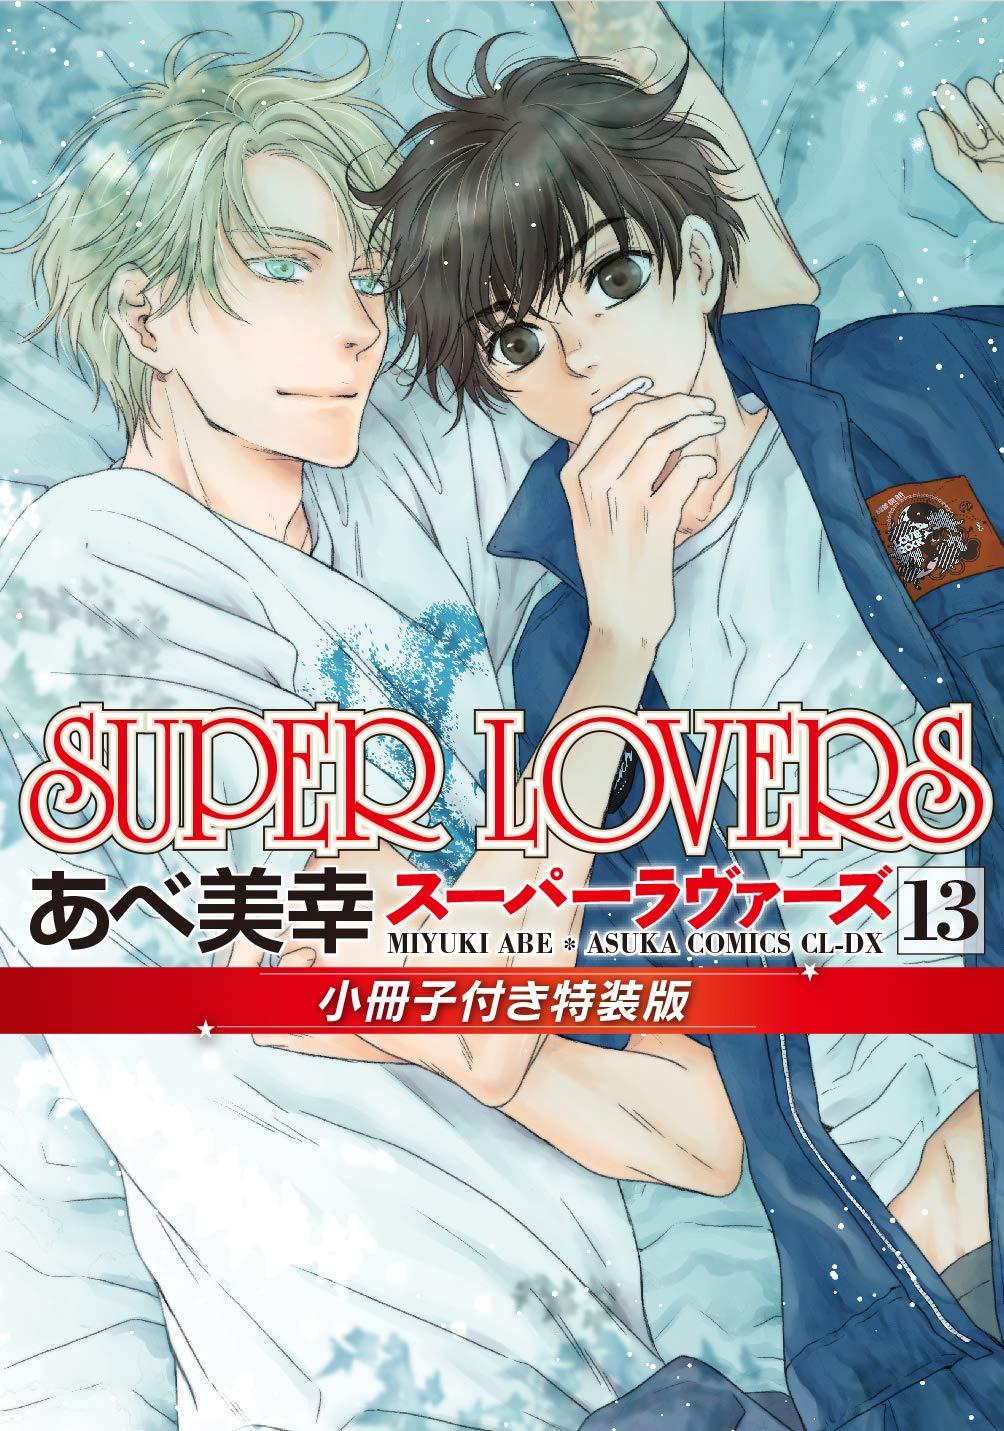 スーパーラヴァーズ 漫画 12巻 ネタバレ